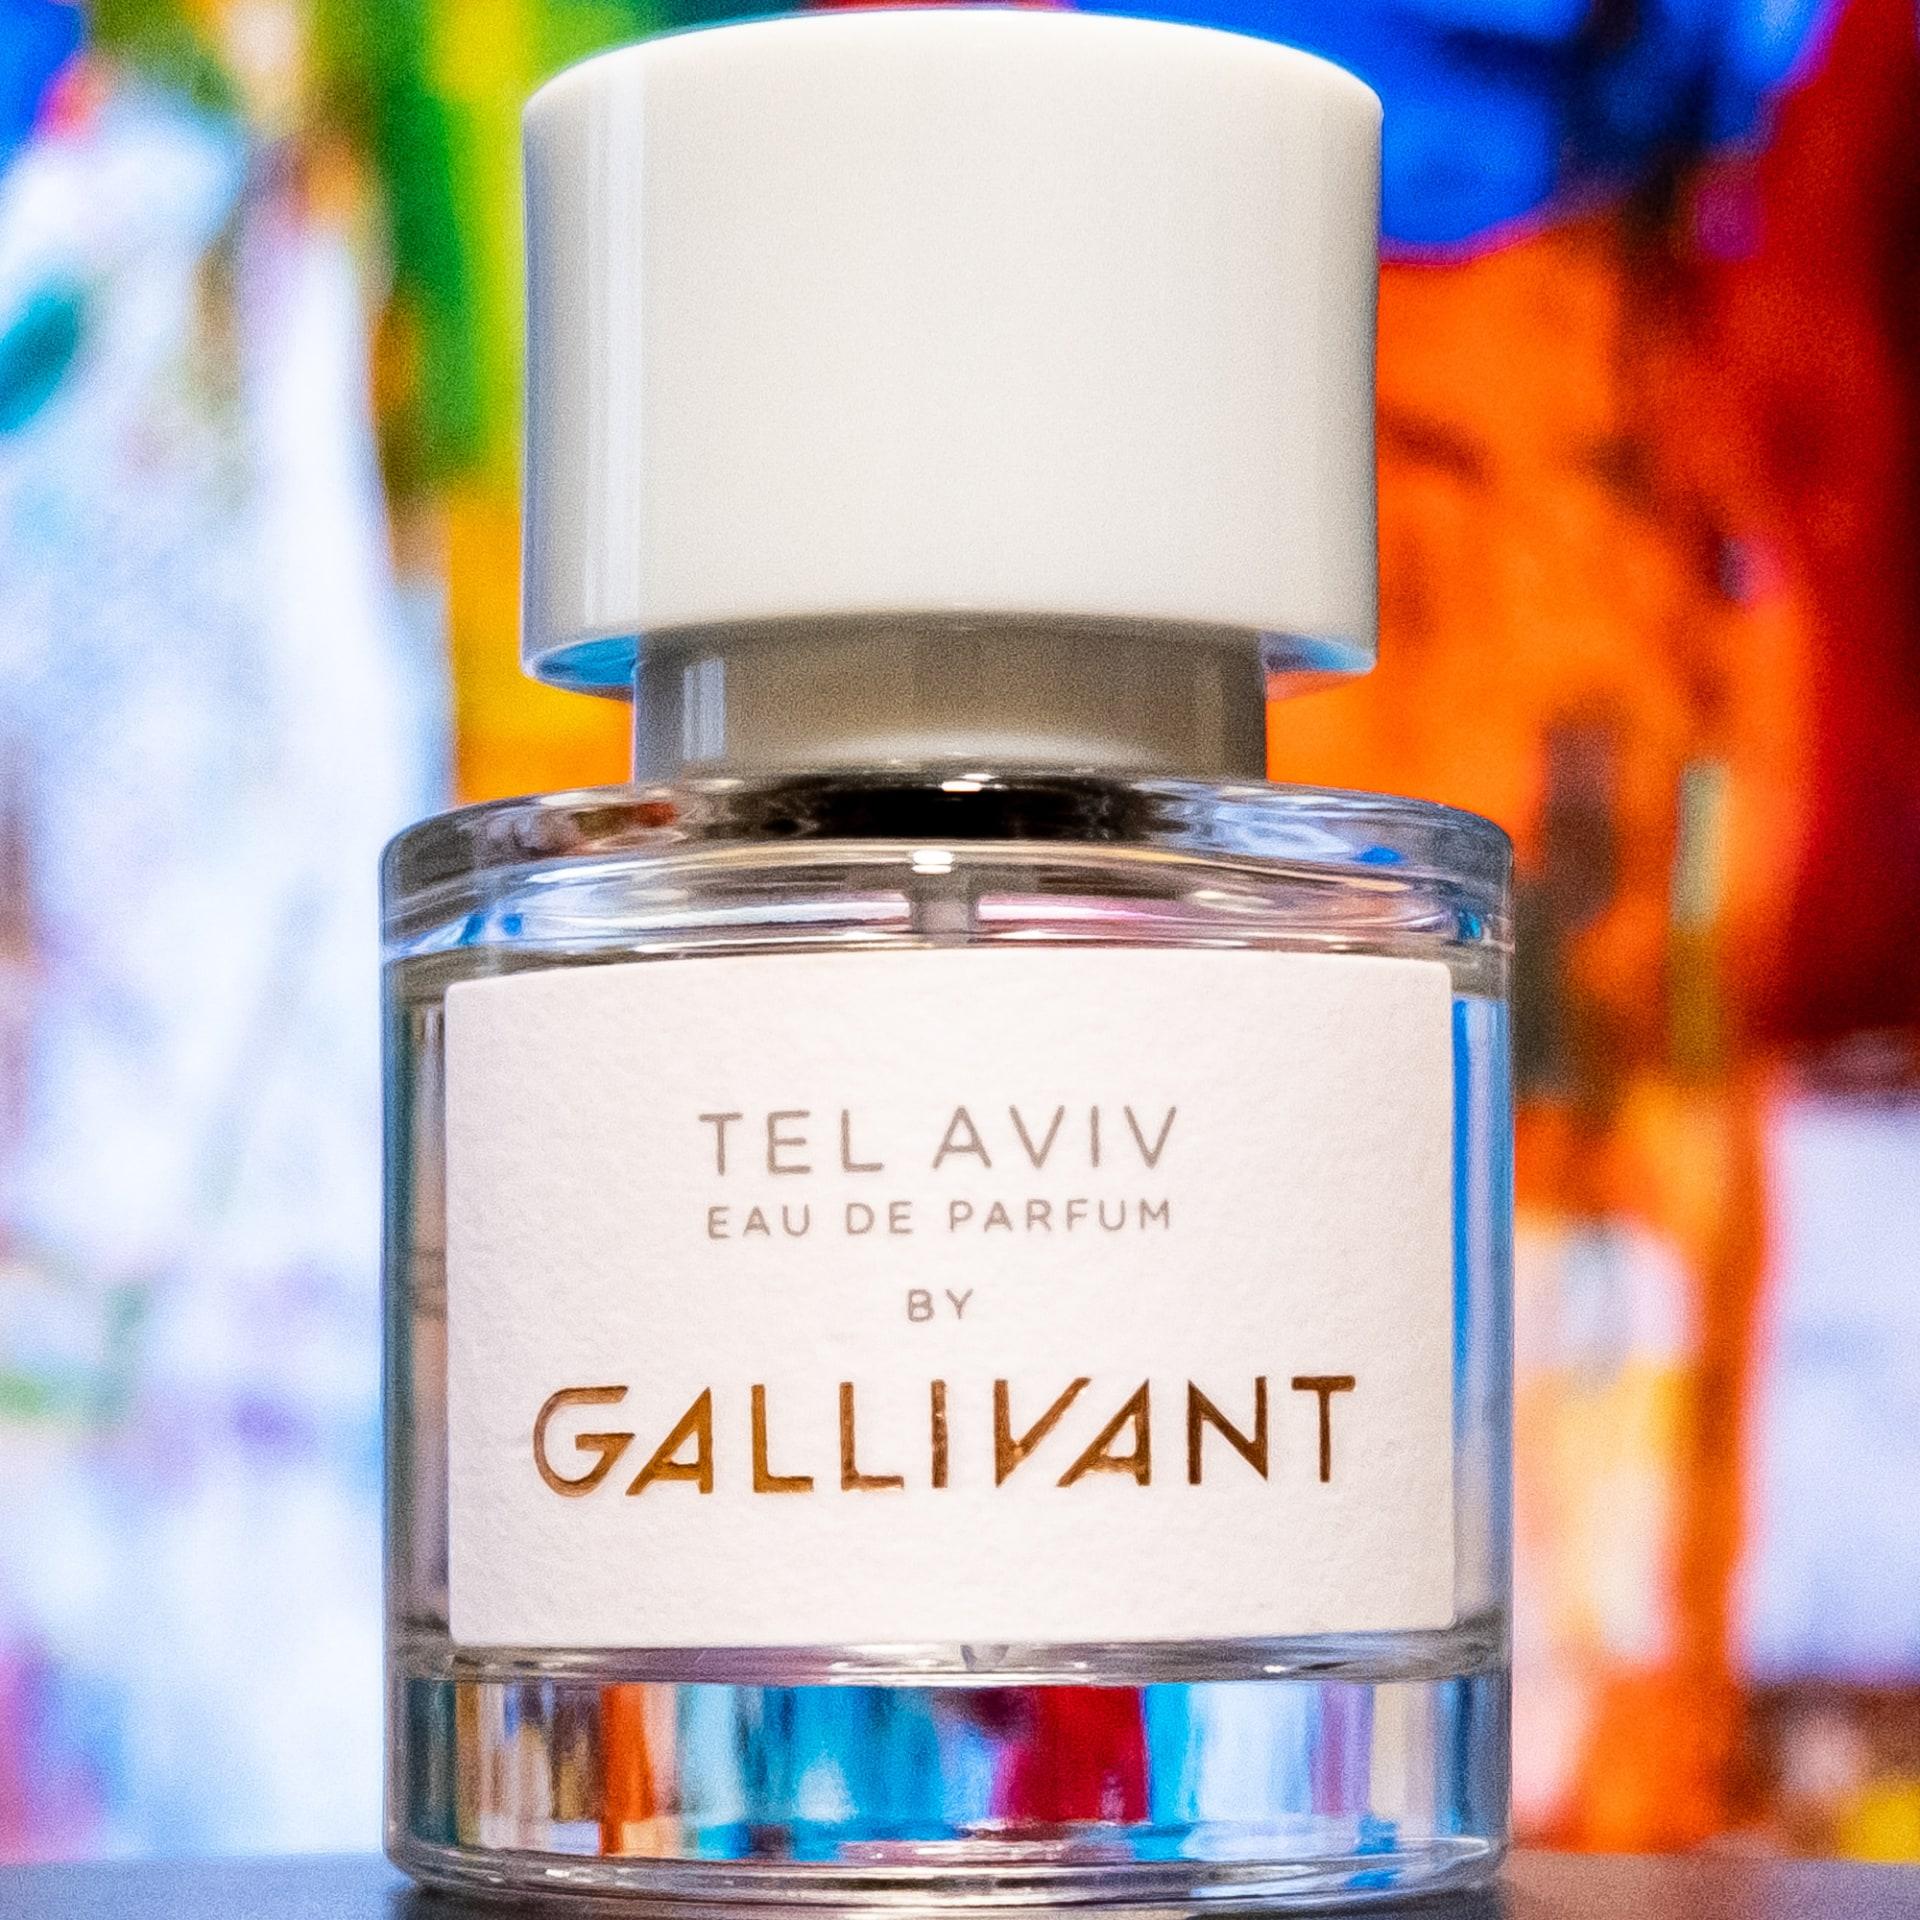 gallivant-tel-aviv